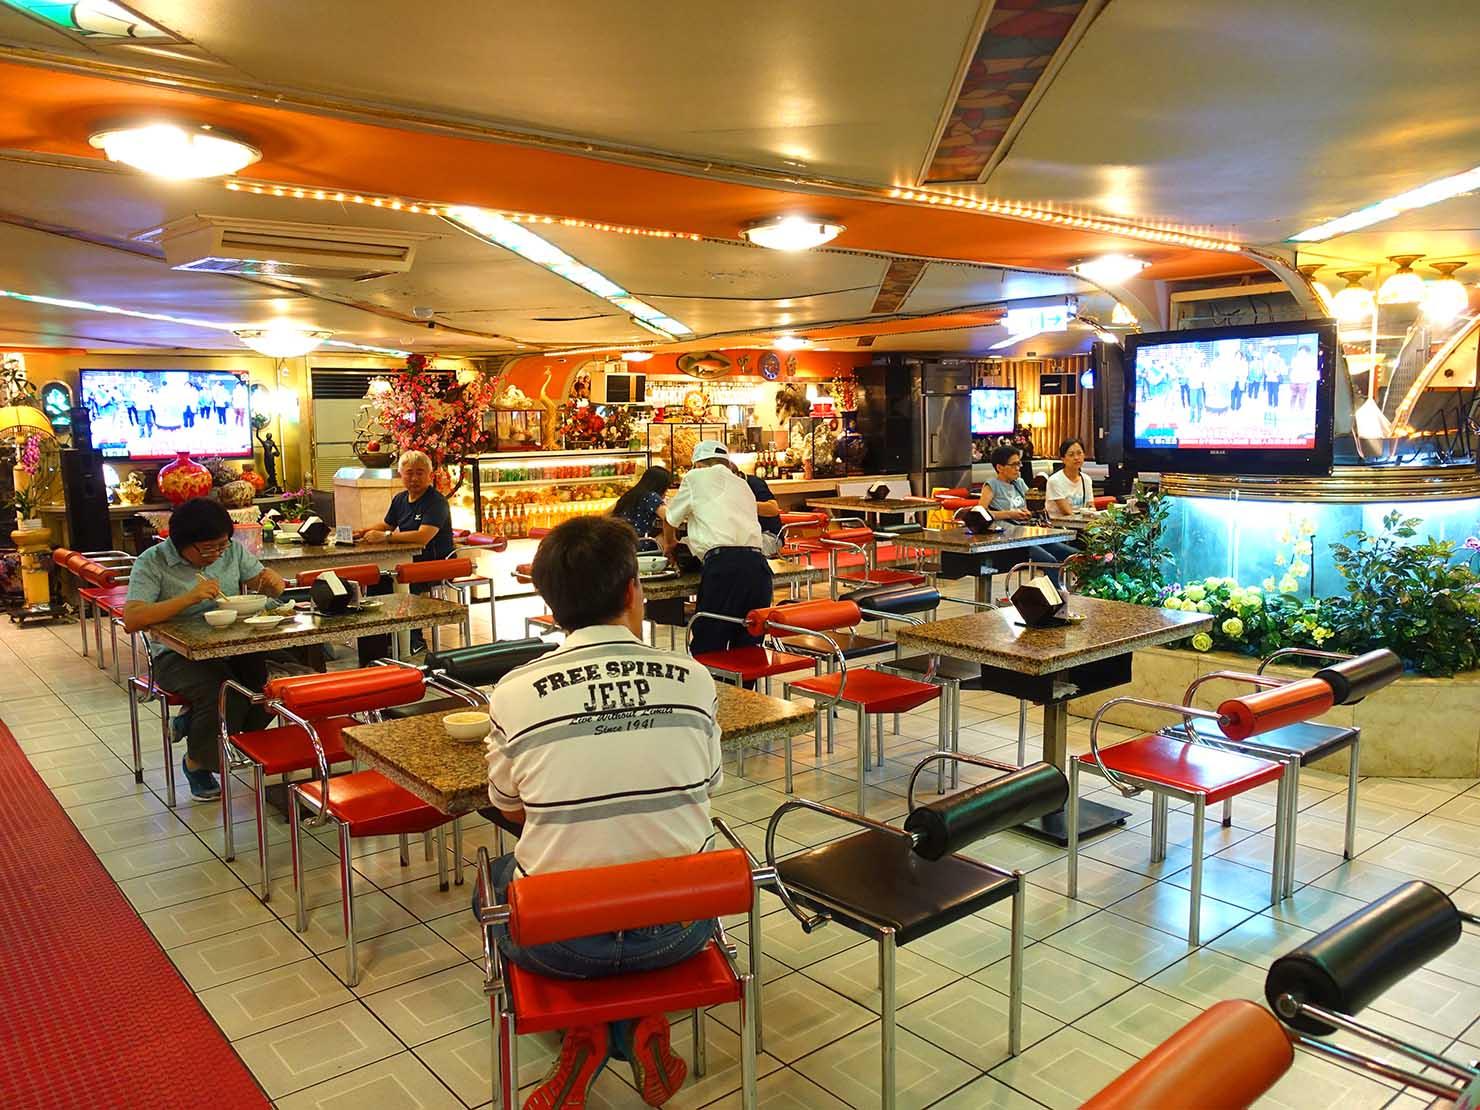 台北・西門町にある排骨飯の老舗「東一排骨總店」エントランスから見る店内